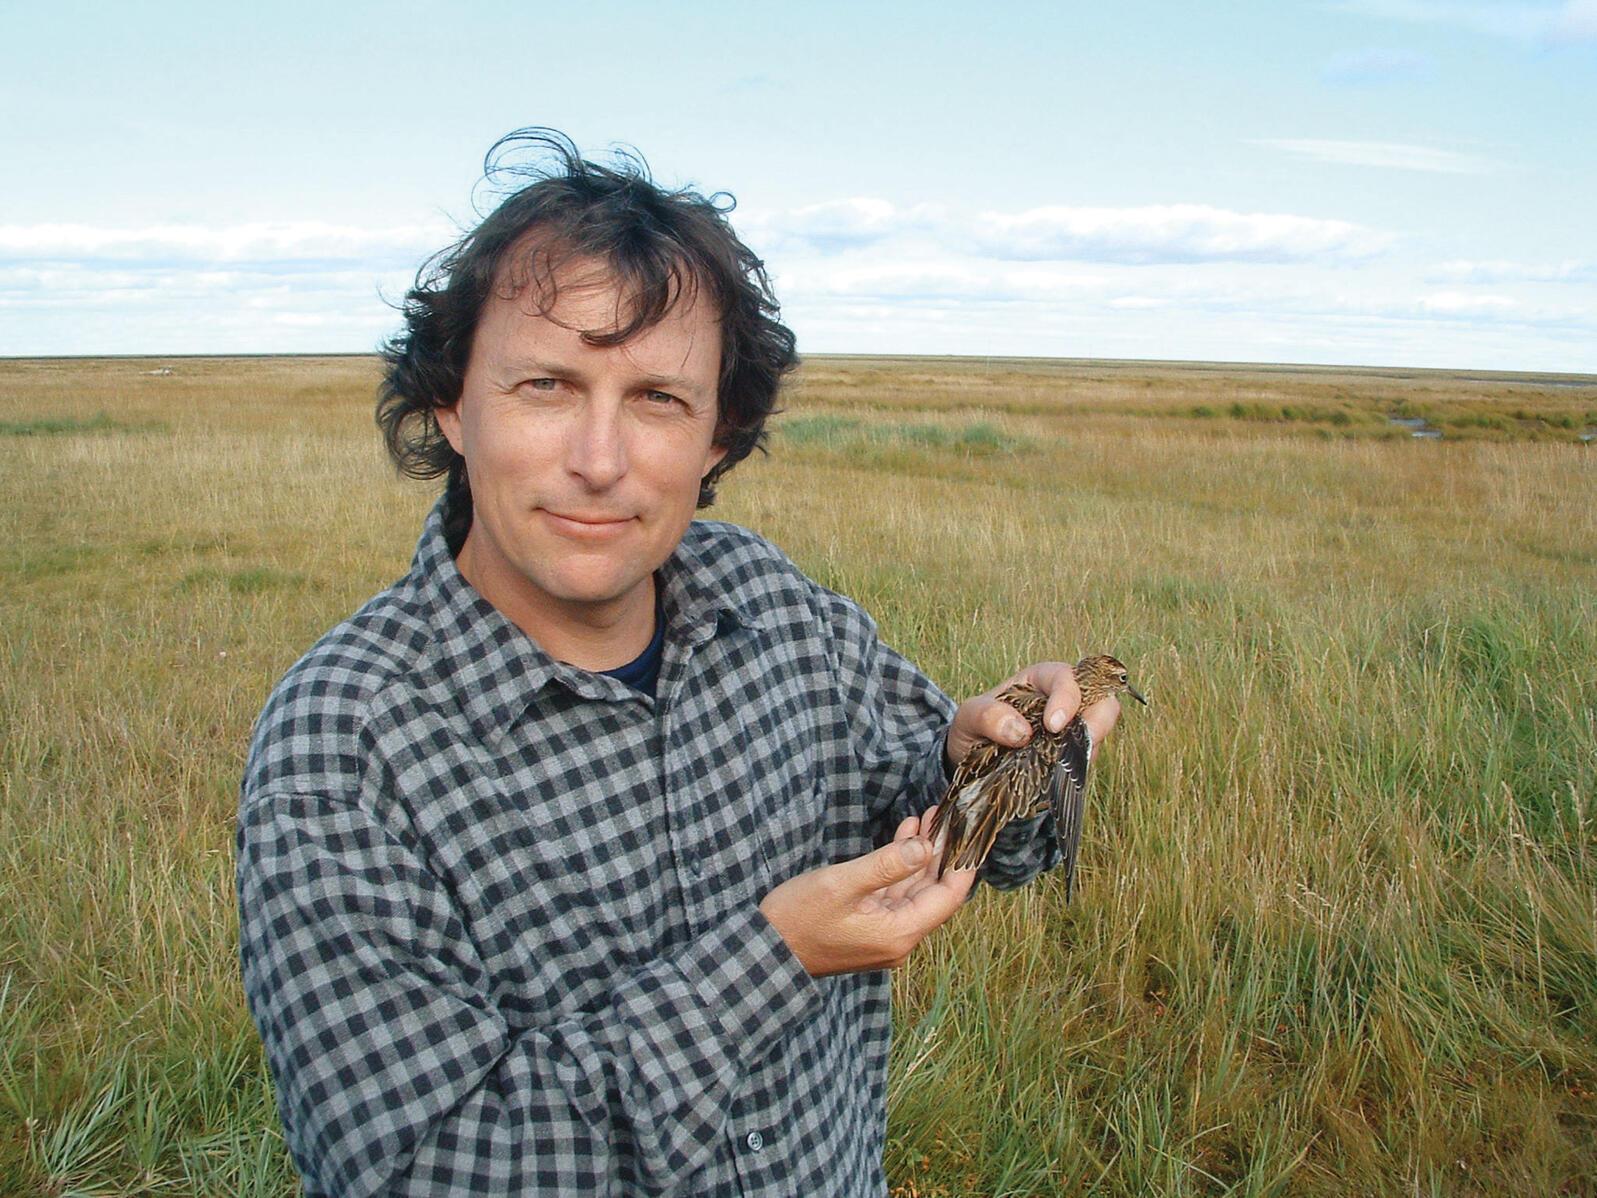 Nils Warnock holding a Sharp-tailed Sandpiper. Åke Lindström